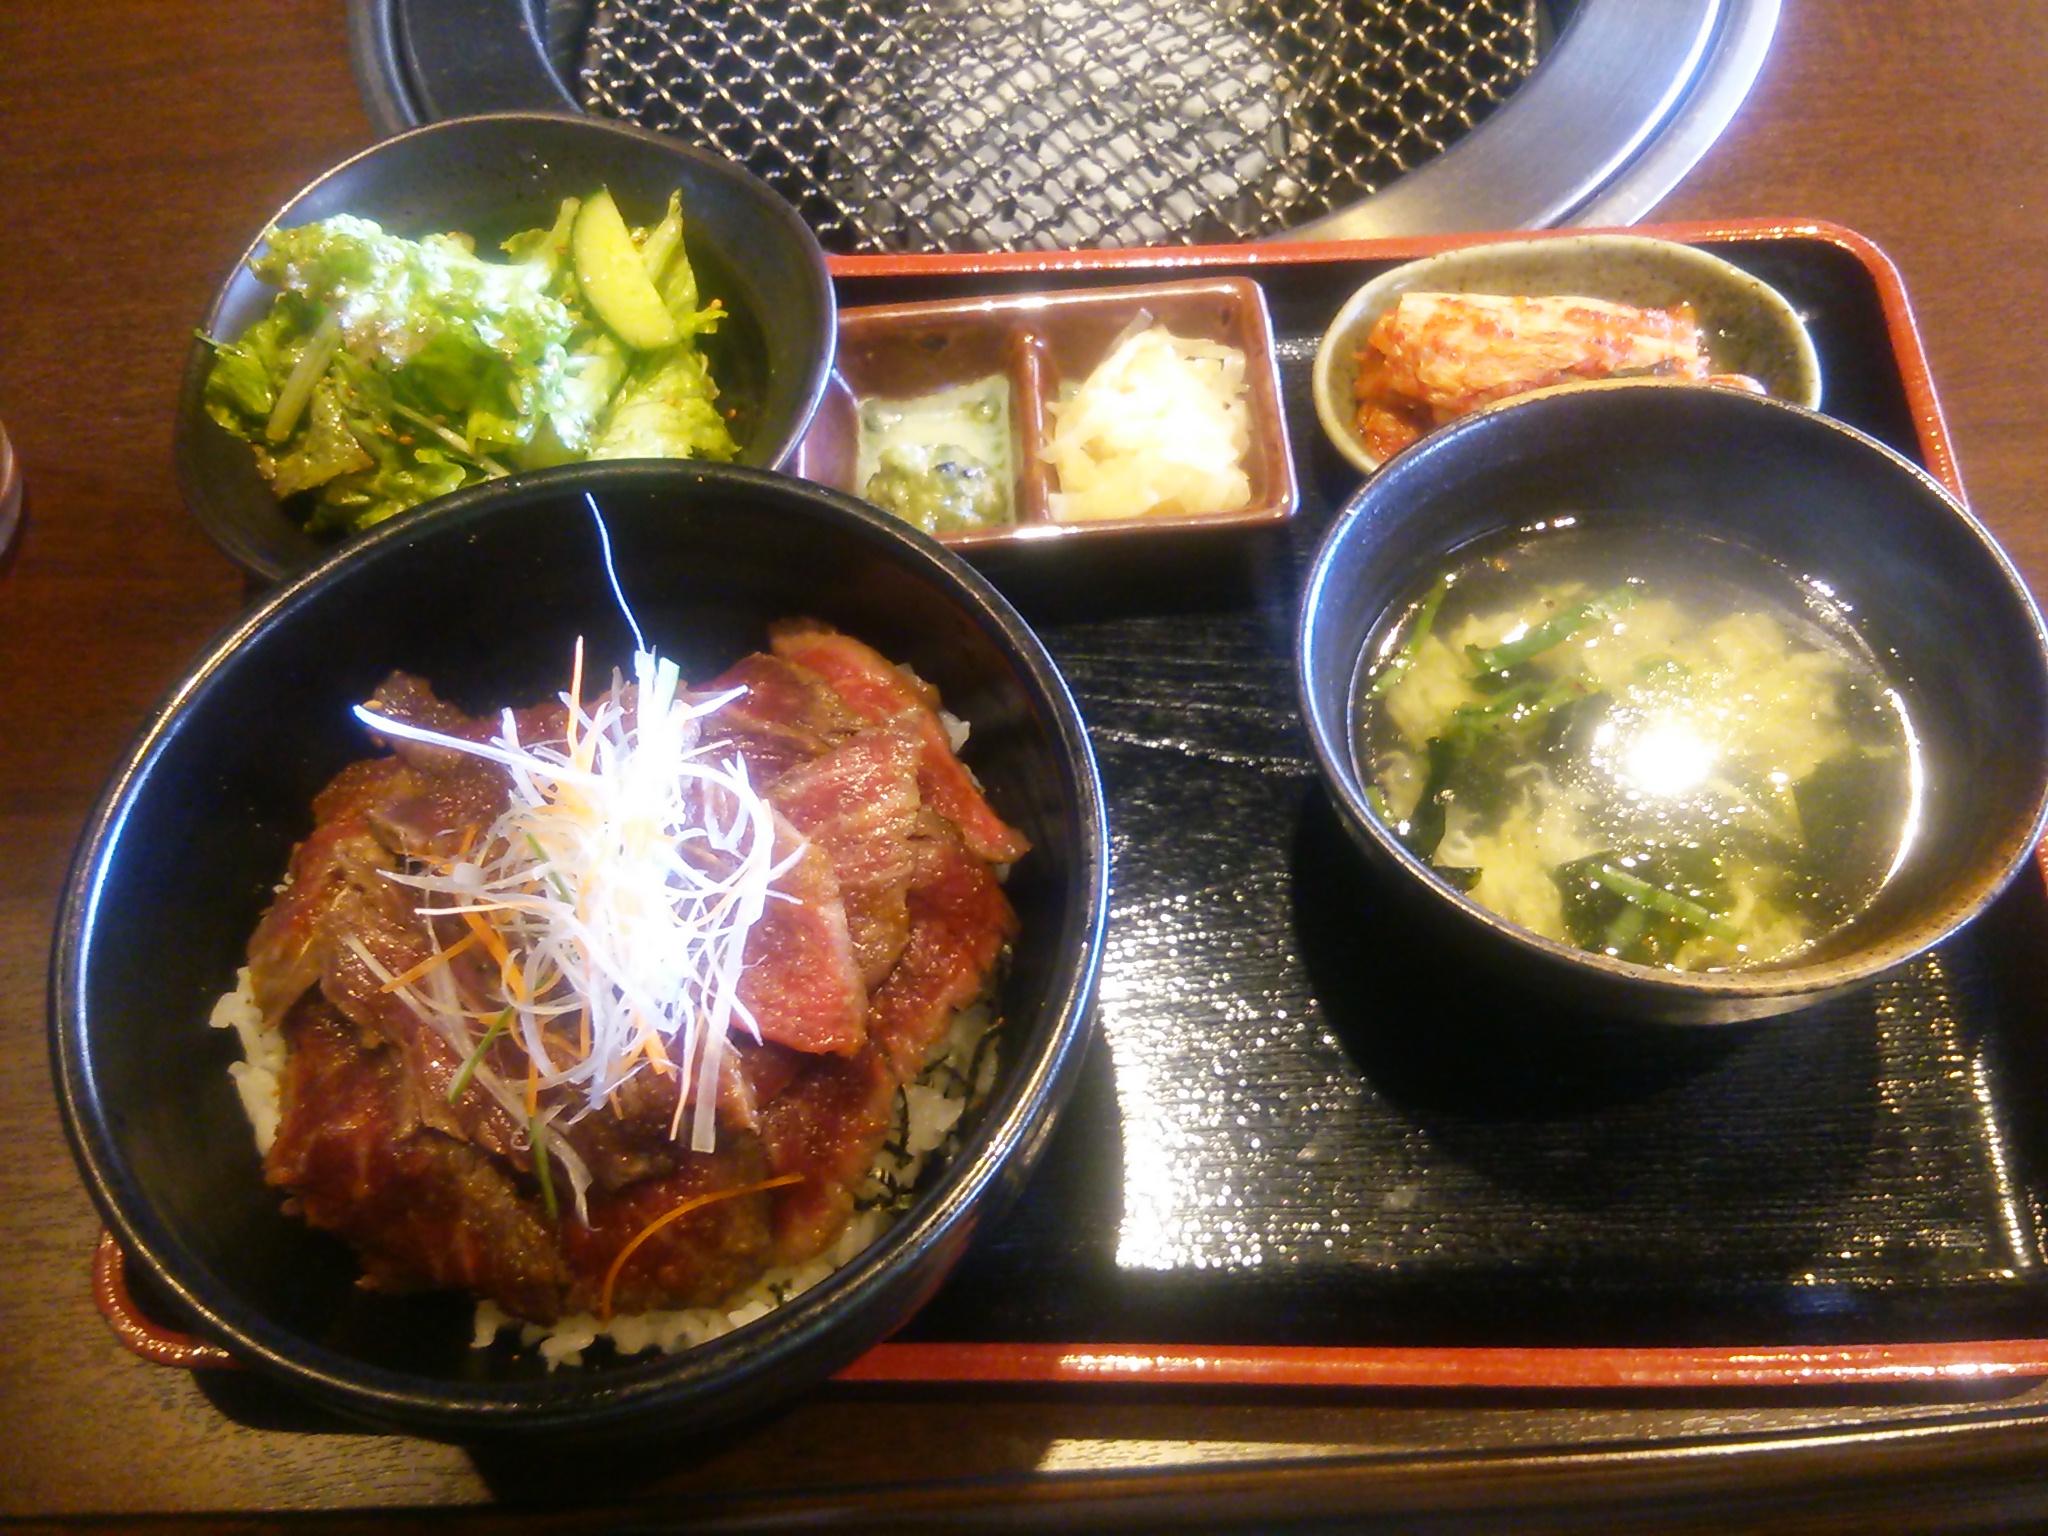 仙台駅前で楽しむご褒美ランチ◎仔虎の絶品ローストビーフ丼!